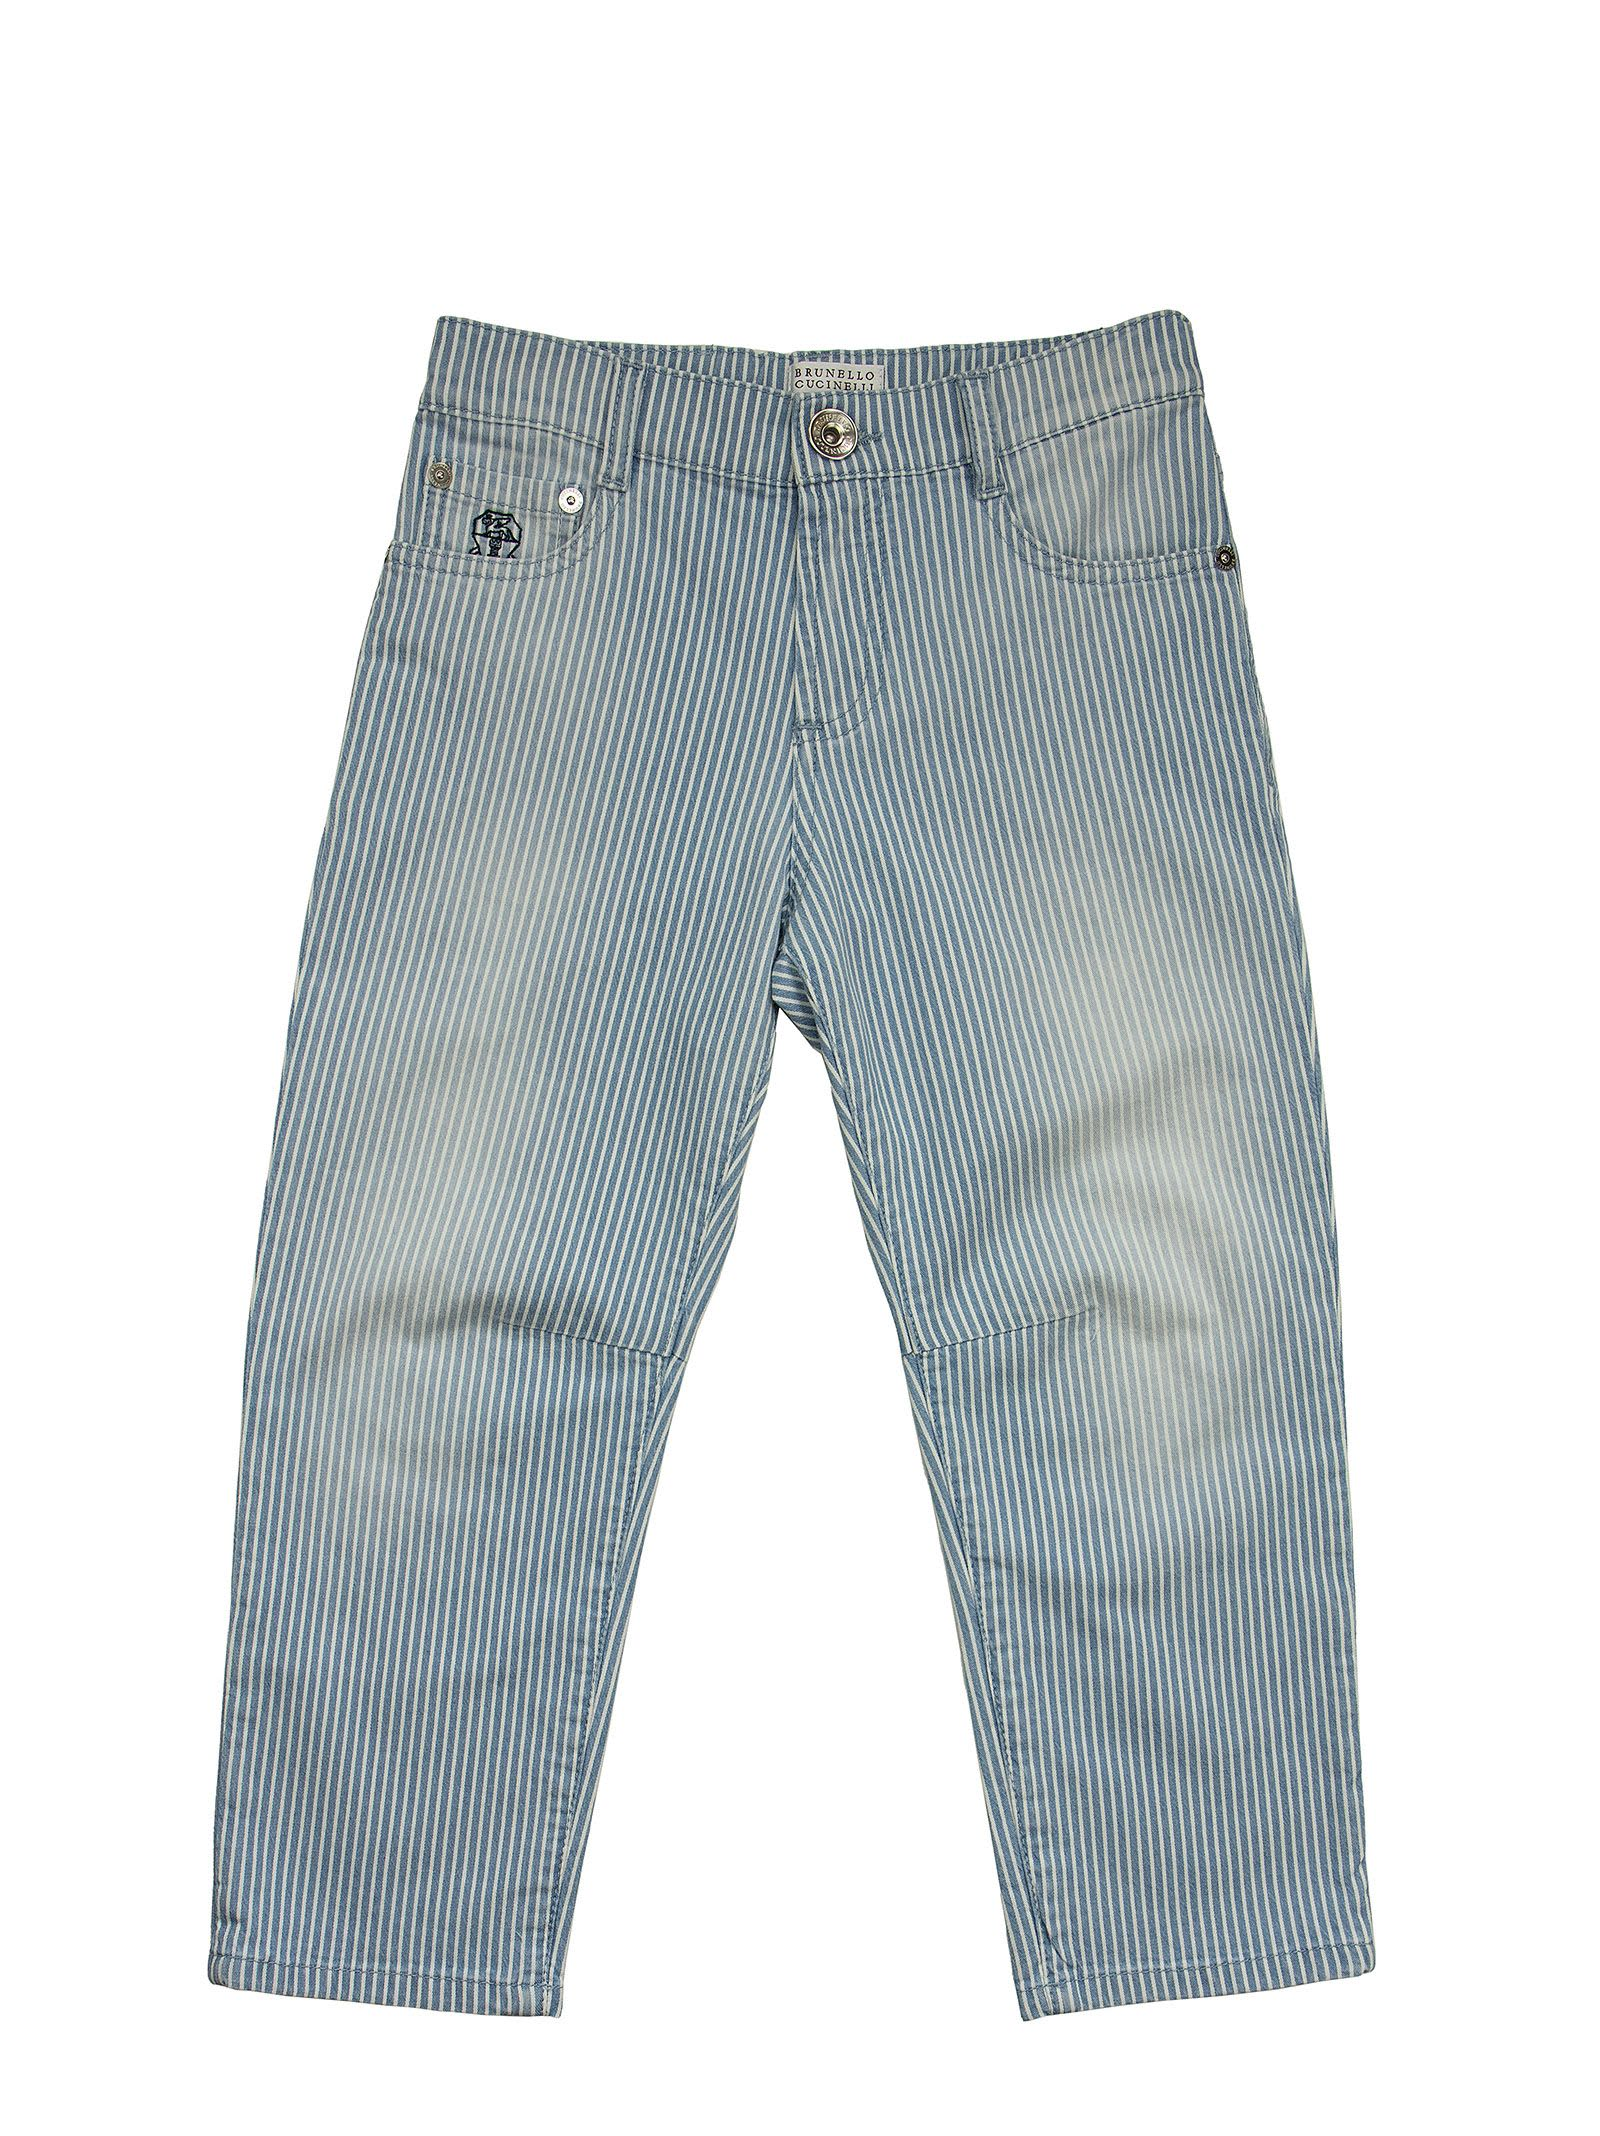 Brunello Cucinelli Jeans STRIPED COTTON DENIM TROUSERS